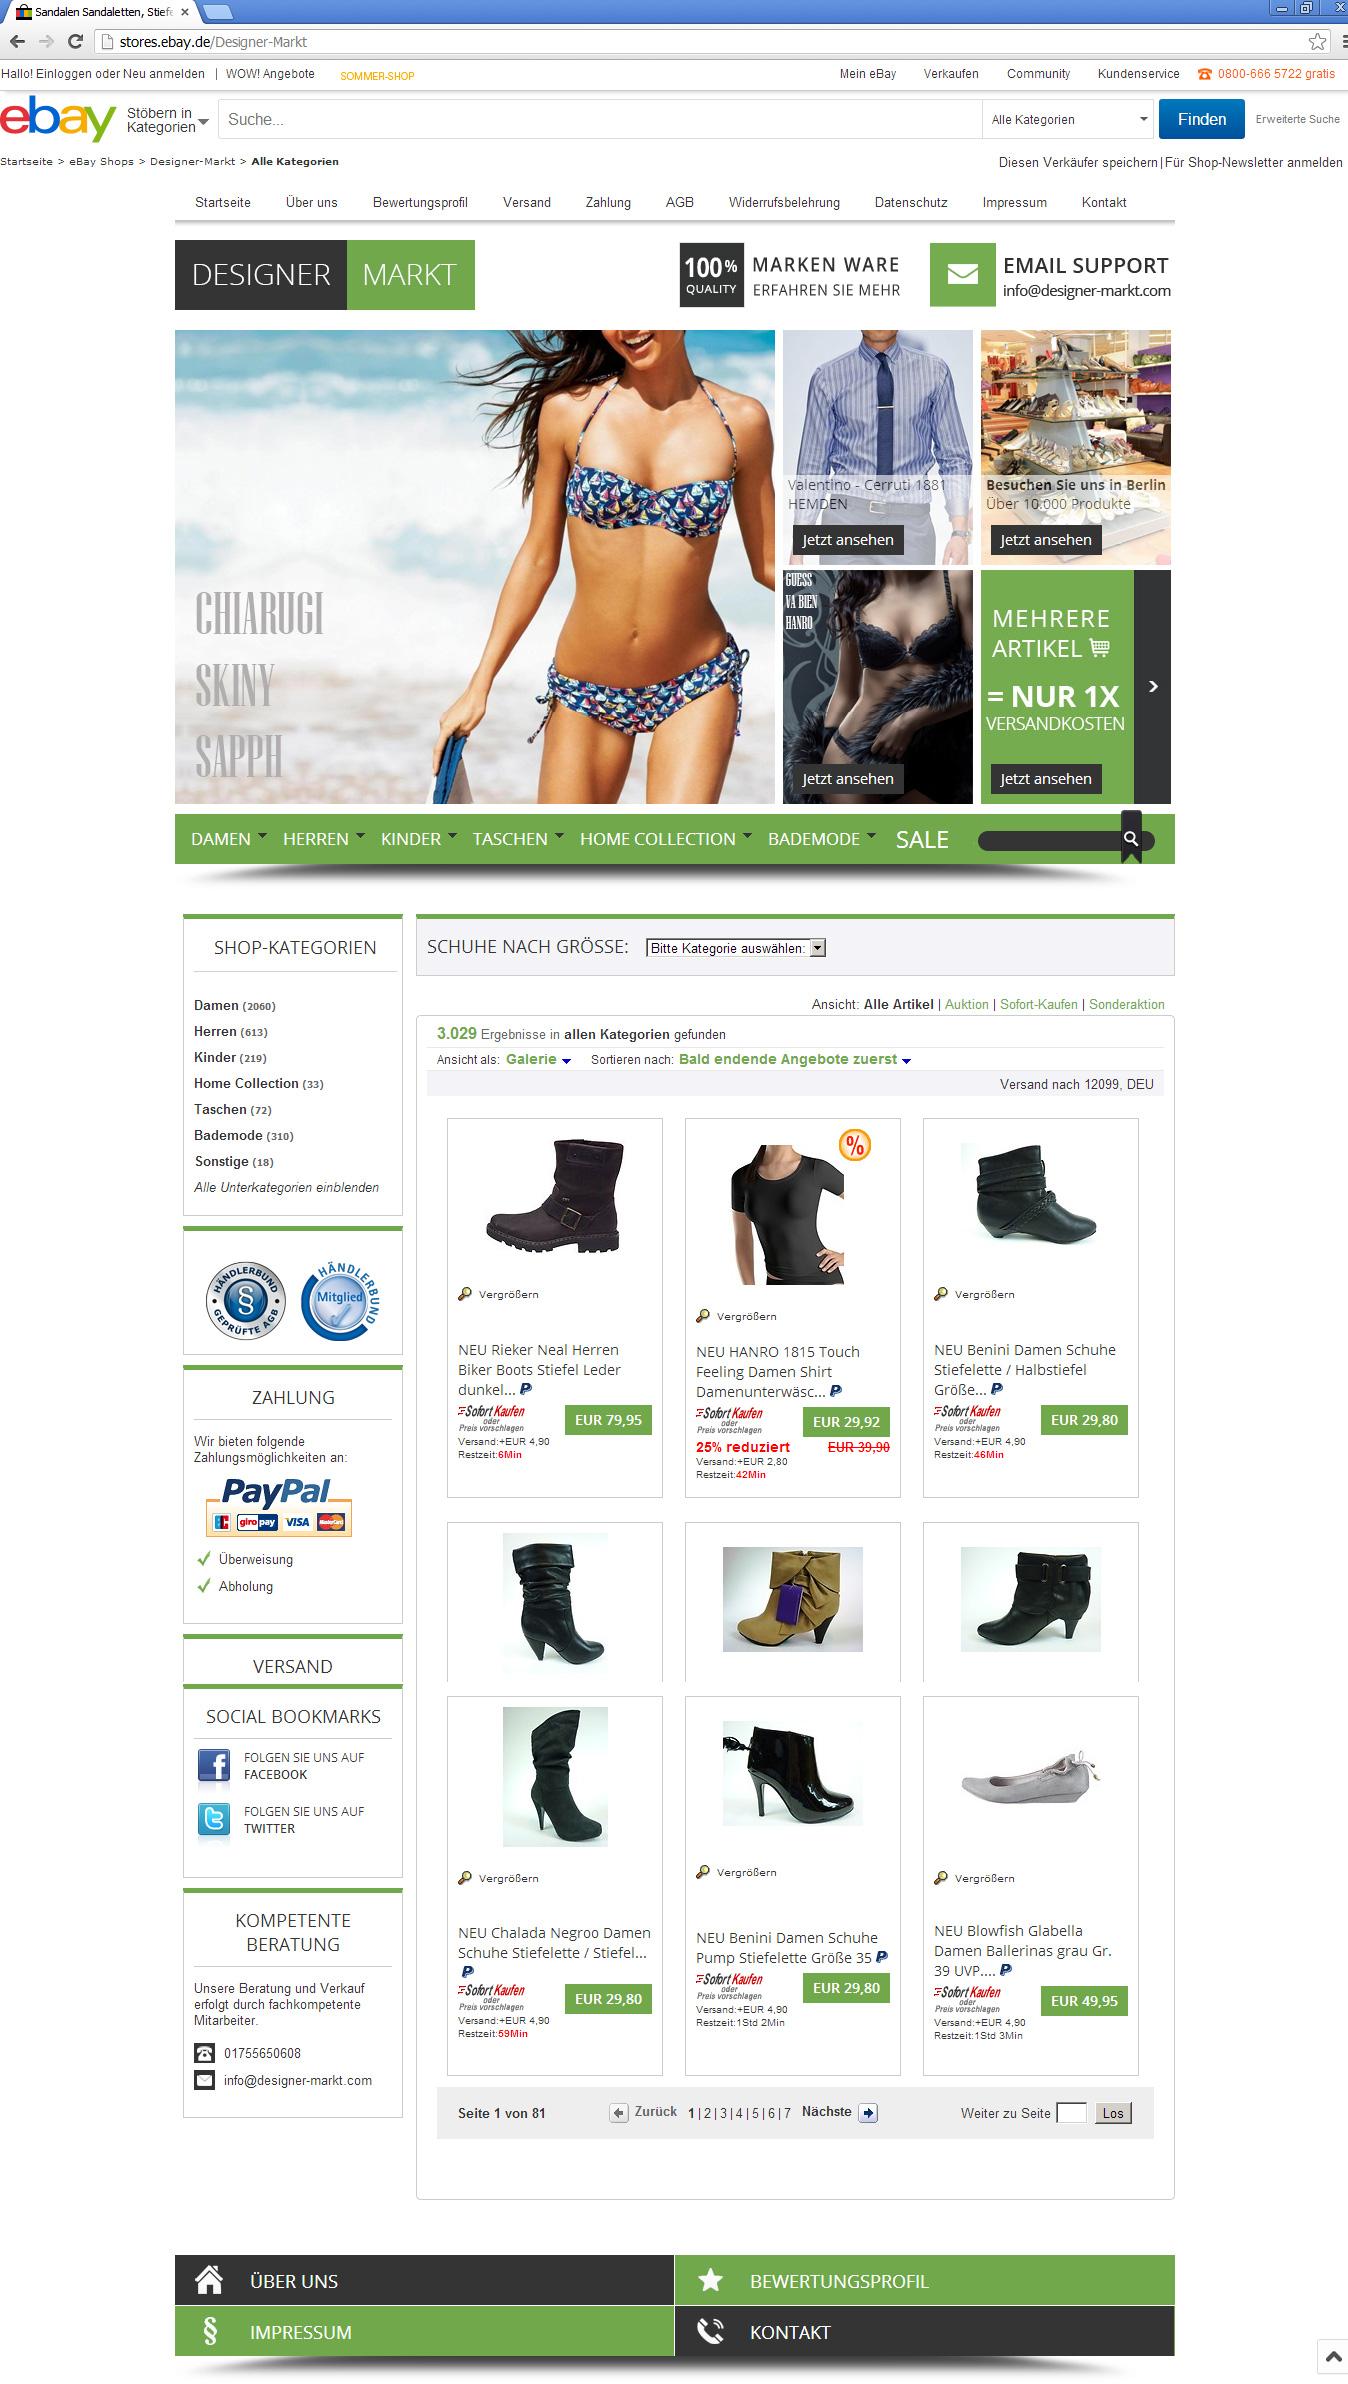 designer-markt-ebay-template-auktionsvorlage